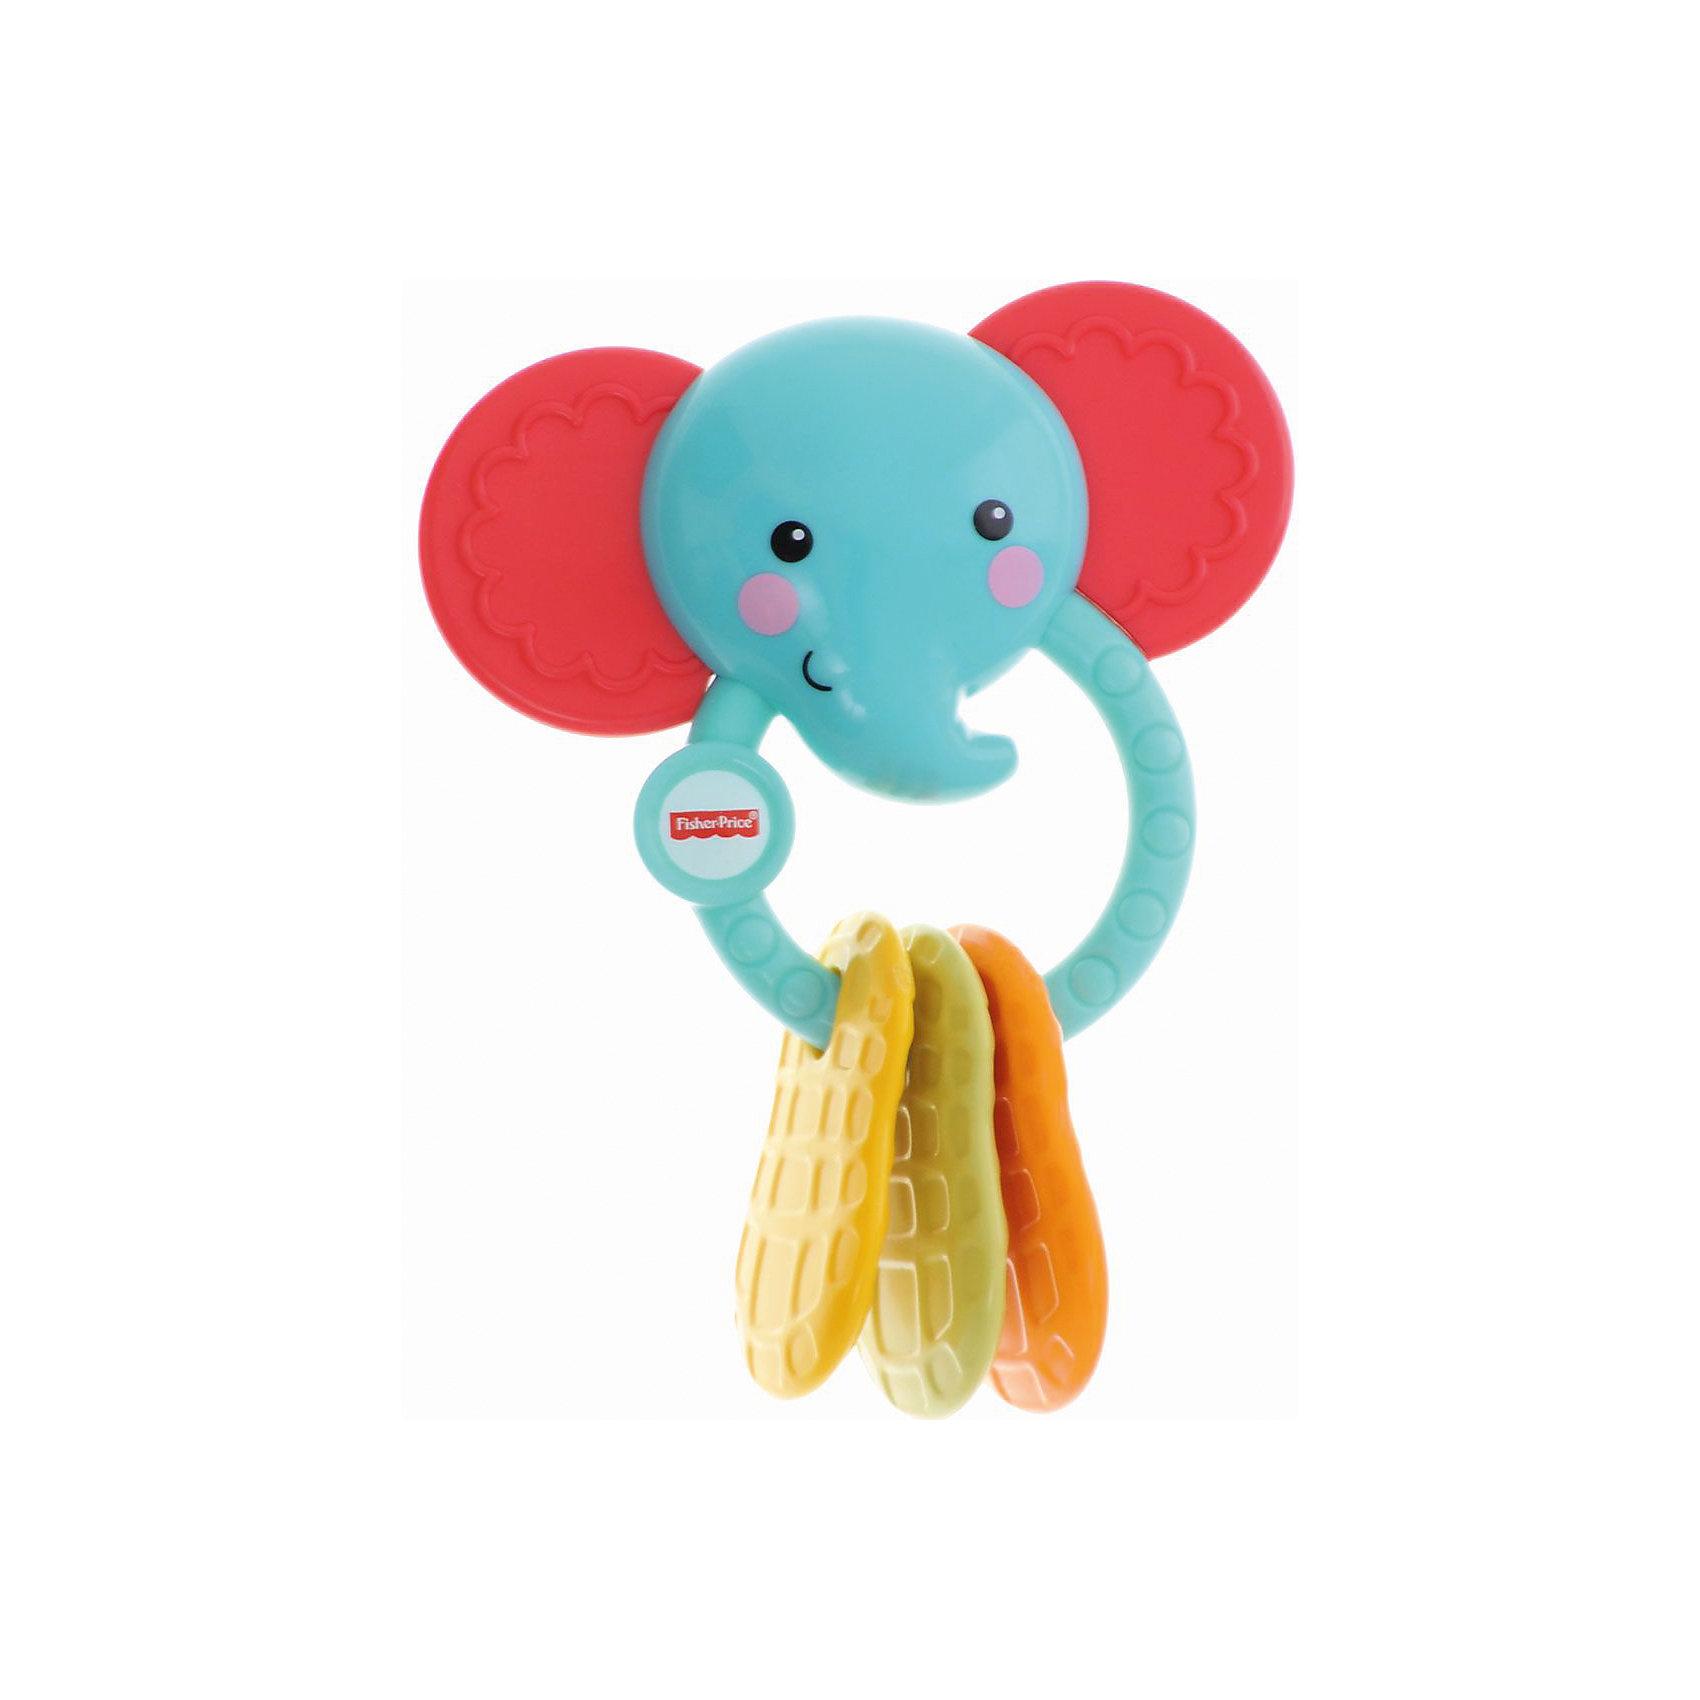 Погремушка-прорезыватель Fisher-PriceОтличный подарок ребенку - прорезыватель-погремушка от Fisher-Price. Она сделана в виде зверушек или насекомых  - это игрушечный друг из и прорезыватель одновременно! Такие предметы помогут успокоить малыша, когда у него режутся зубки. Некоторые детали можно грызть, а за колечко малышу будет удобно держать погремушку в руках. Такие предметы привлекают внимание малышей и занимают их. С помощью кольца прорезыватель легко крепится на кроватке и в коляске. Благодаря кольцу игрушку брать с собой куда угодно. Она - небольшого размера и весит совсем немного. <br>Игрушка имеет такой размер, при котором ребенку удобно держать её в руках, а также брать с собой в гости или на прогулку. Такие игрушки помогают развить мелкую моторику, логическое мышление и воображение ребенка, а также познавать окружающий мир. Эта игрушка выполнена из высококачественного материала, безопасного для детей.<br>  <br>Дополнительная информация:<br><br>цвет: разноцветный;<br>материал: пластик;<br>комплектация: с кольцом-держателем;<br>размер упаковки: 5х14х18 см;<br>вес: 150 г.<br><br>Погремушку-прорезыватель Fisher-Price от компании Mattel можно купить в нашем магазине.<br><br>Ширина мм: 50<br>Глубина мм: 140<br>Высота мм: 180<br>Вес г: 148<br>Возраст от месяцев: 3<br>Возраст до месяцев: 18<br>Пол: Унисекс<br>Возраст: Детский<br>SKU: 4791137